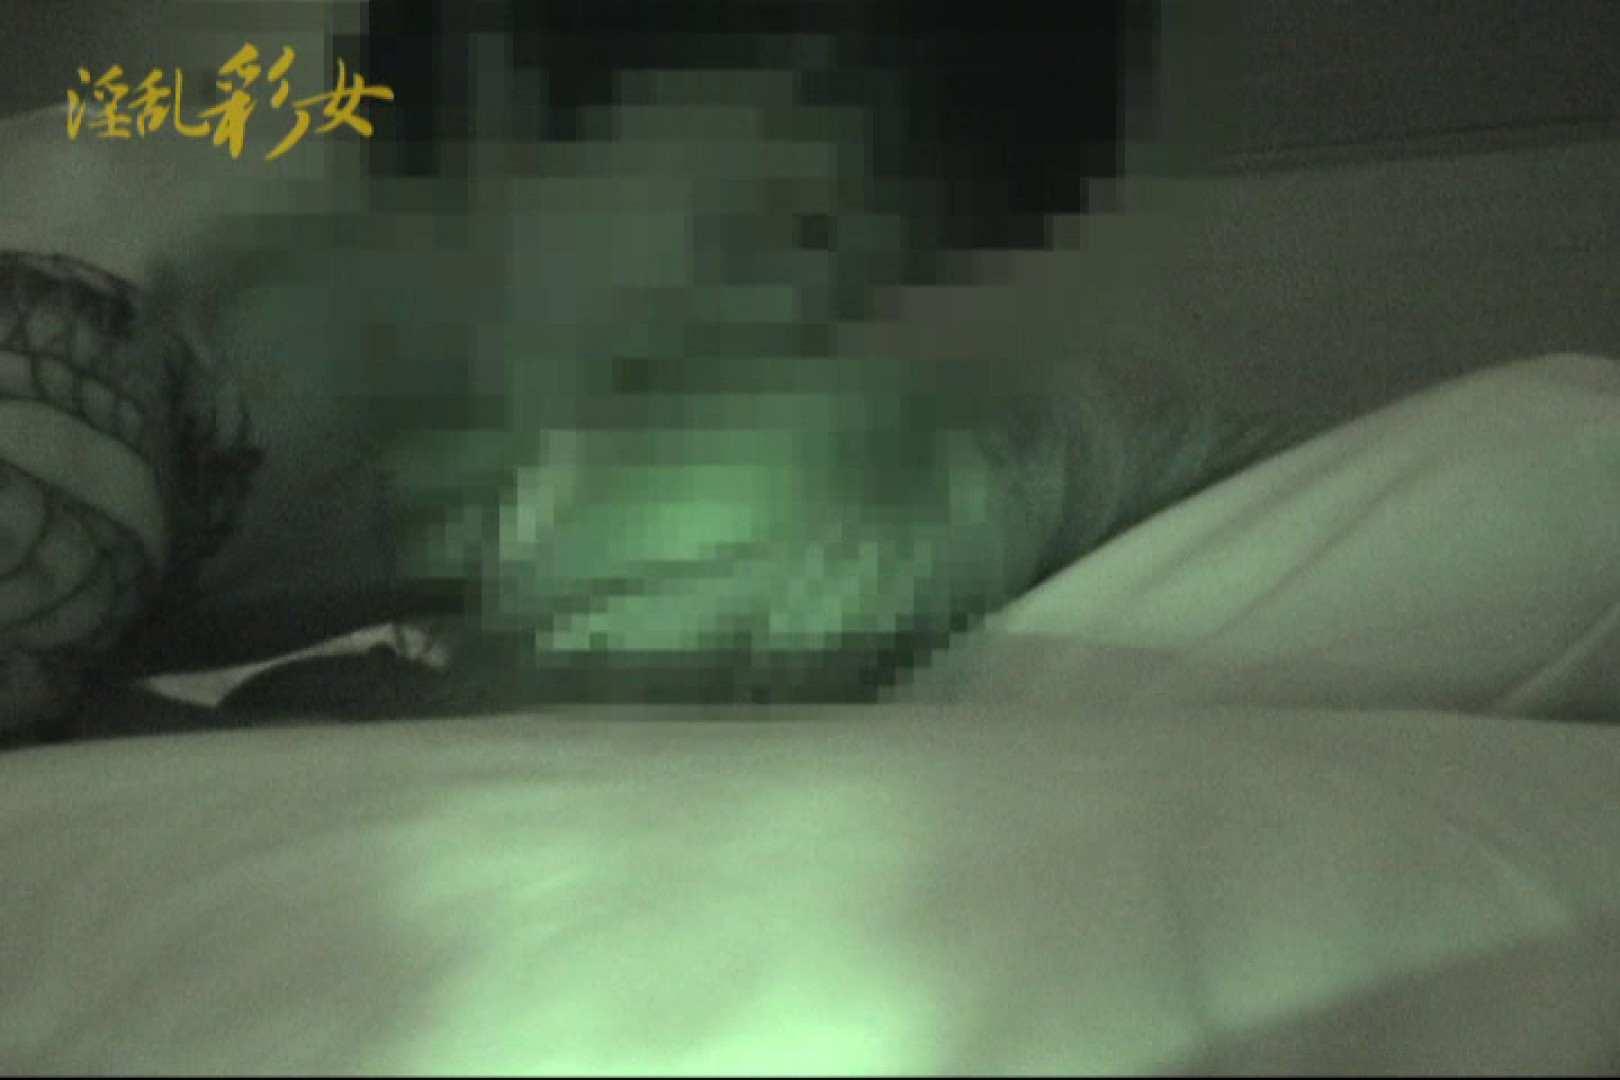 淫乱彩女 麻優里 禁断の彼氏2 一般投稿  77連発 54